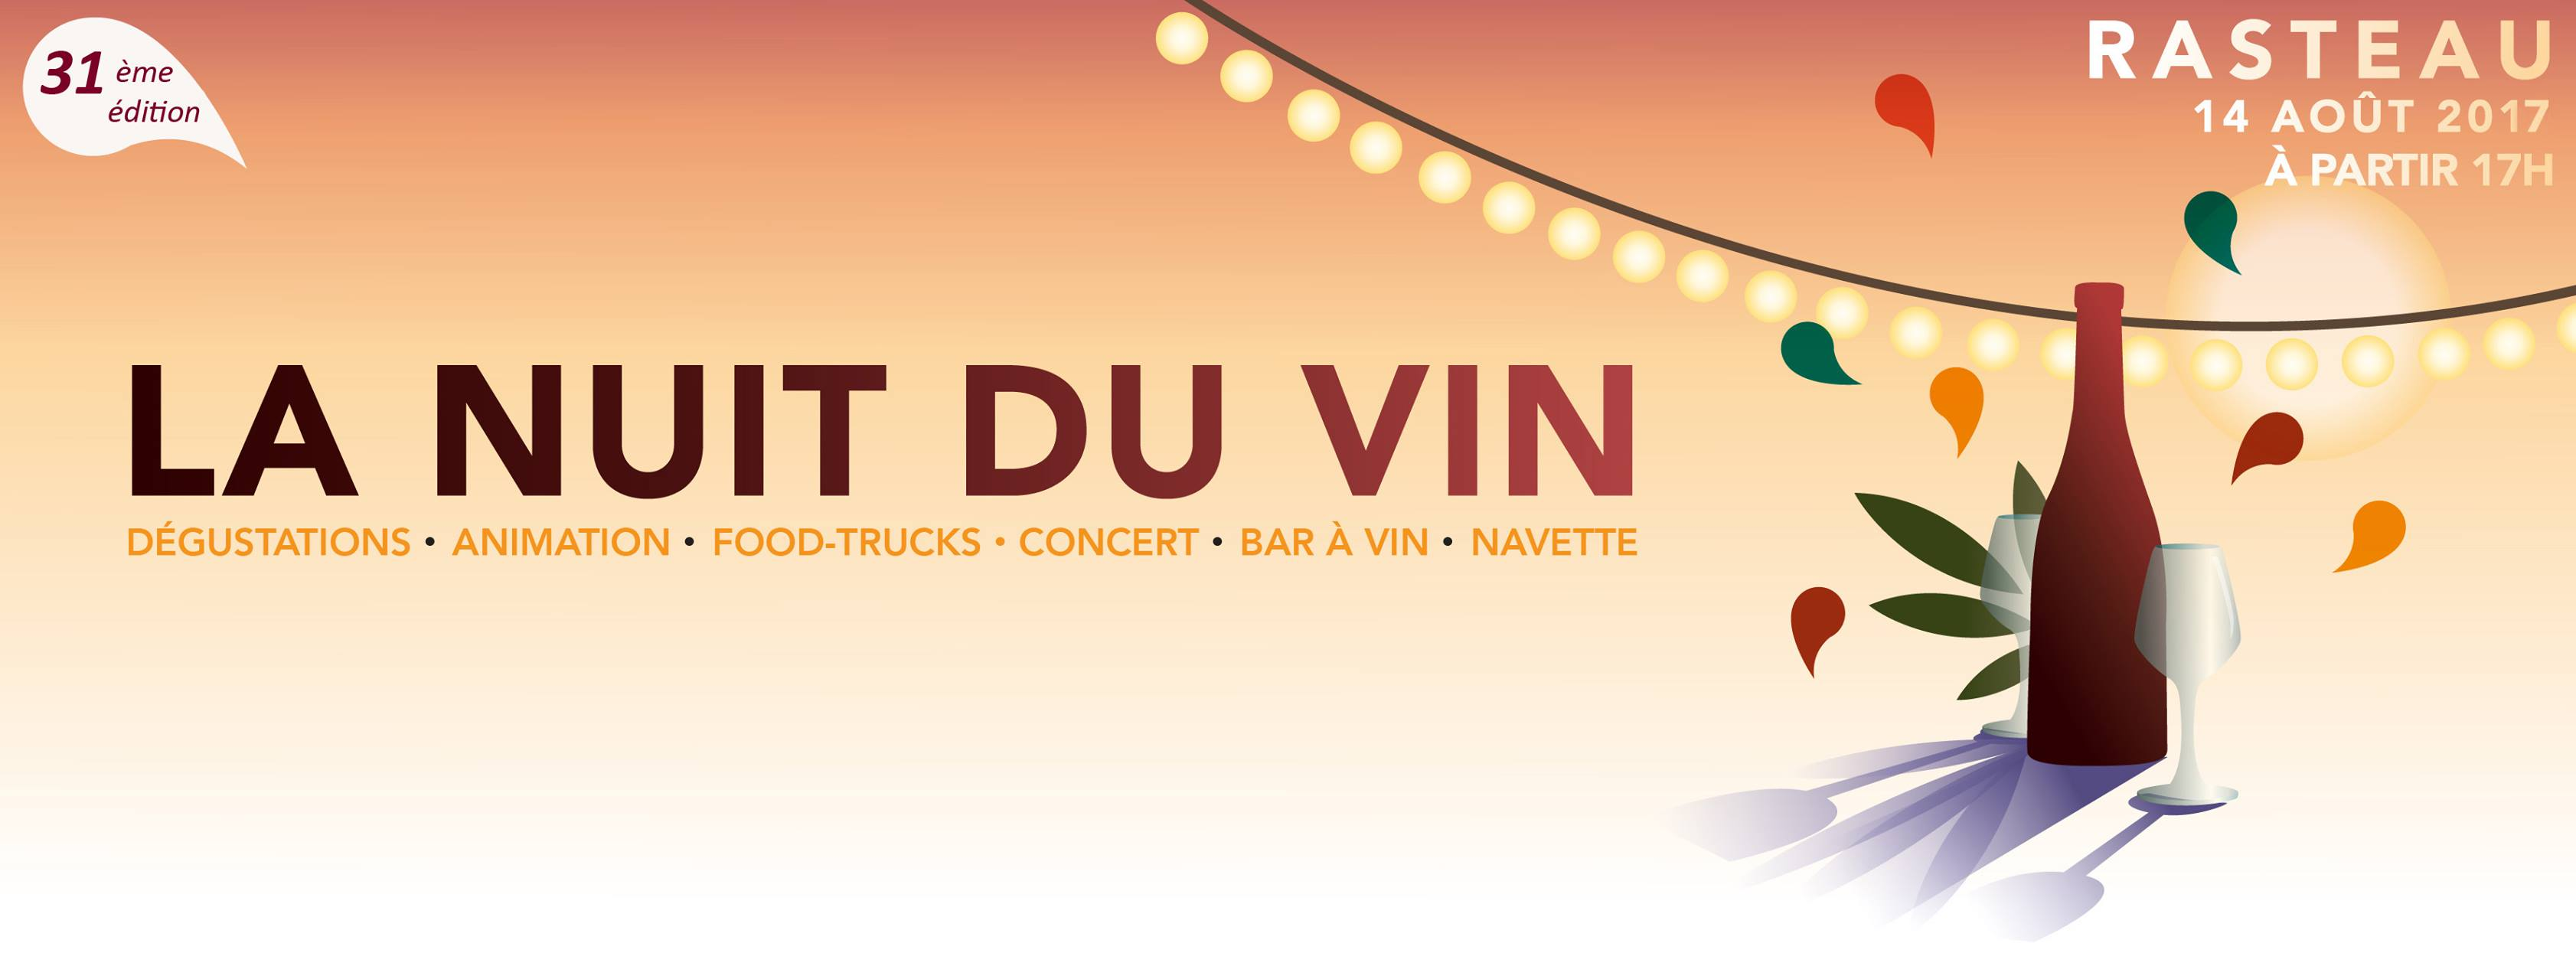 La nuit du vin Rasteau 2017